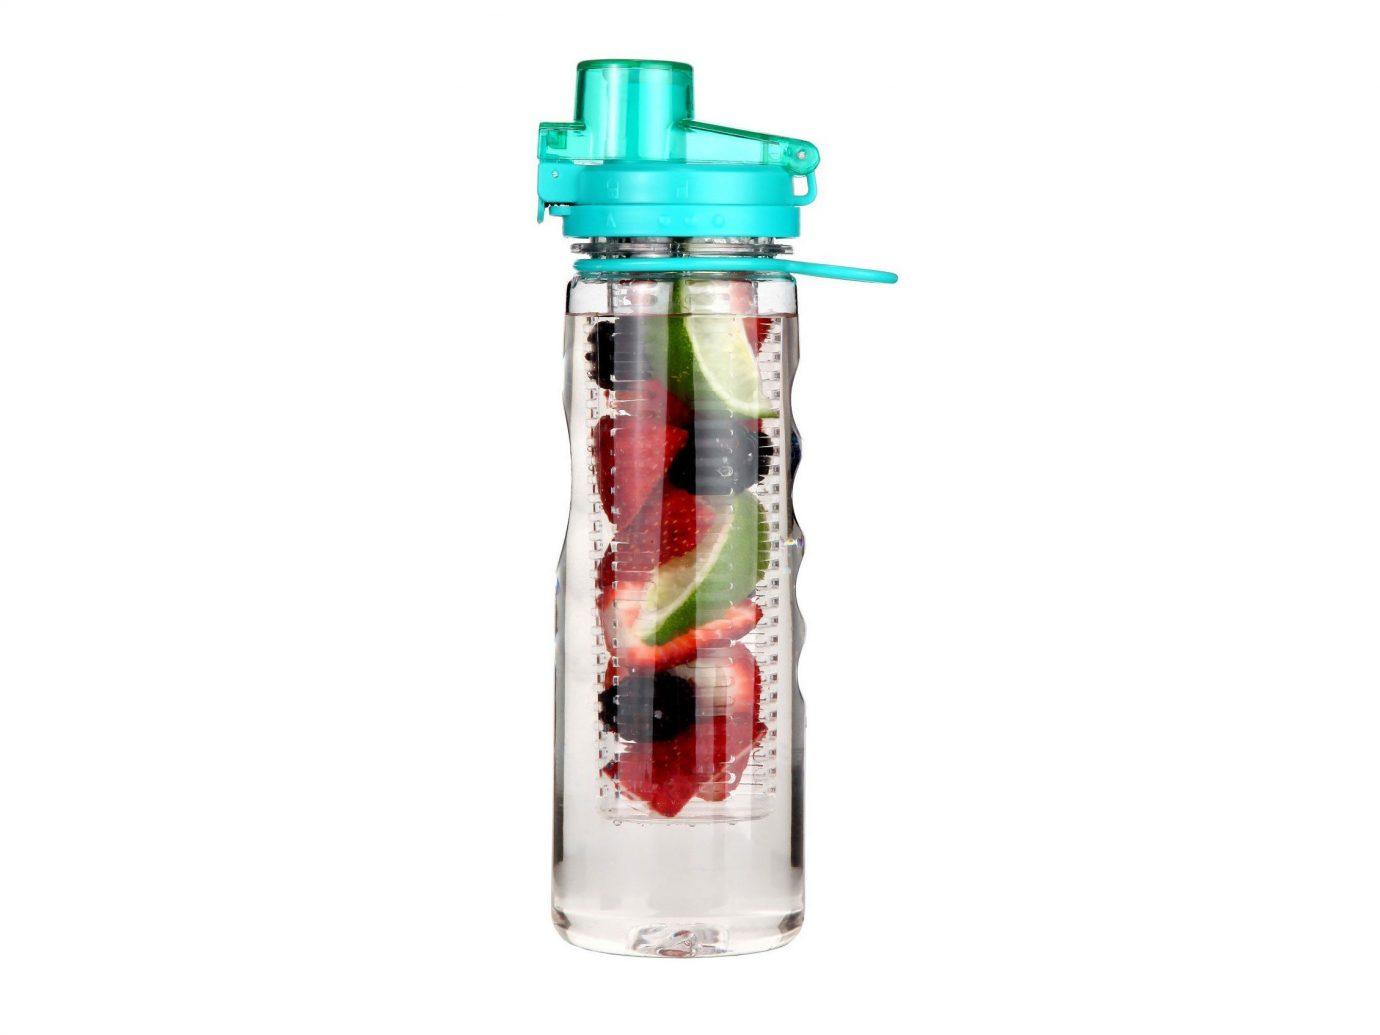 Travel Tips bottle product drinkware hydrant glass bottle lighter tableware wine bottle plastic bottle outdoor object